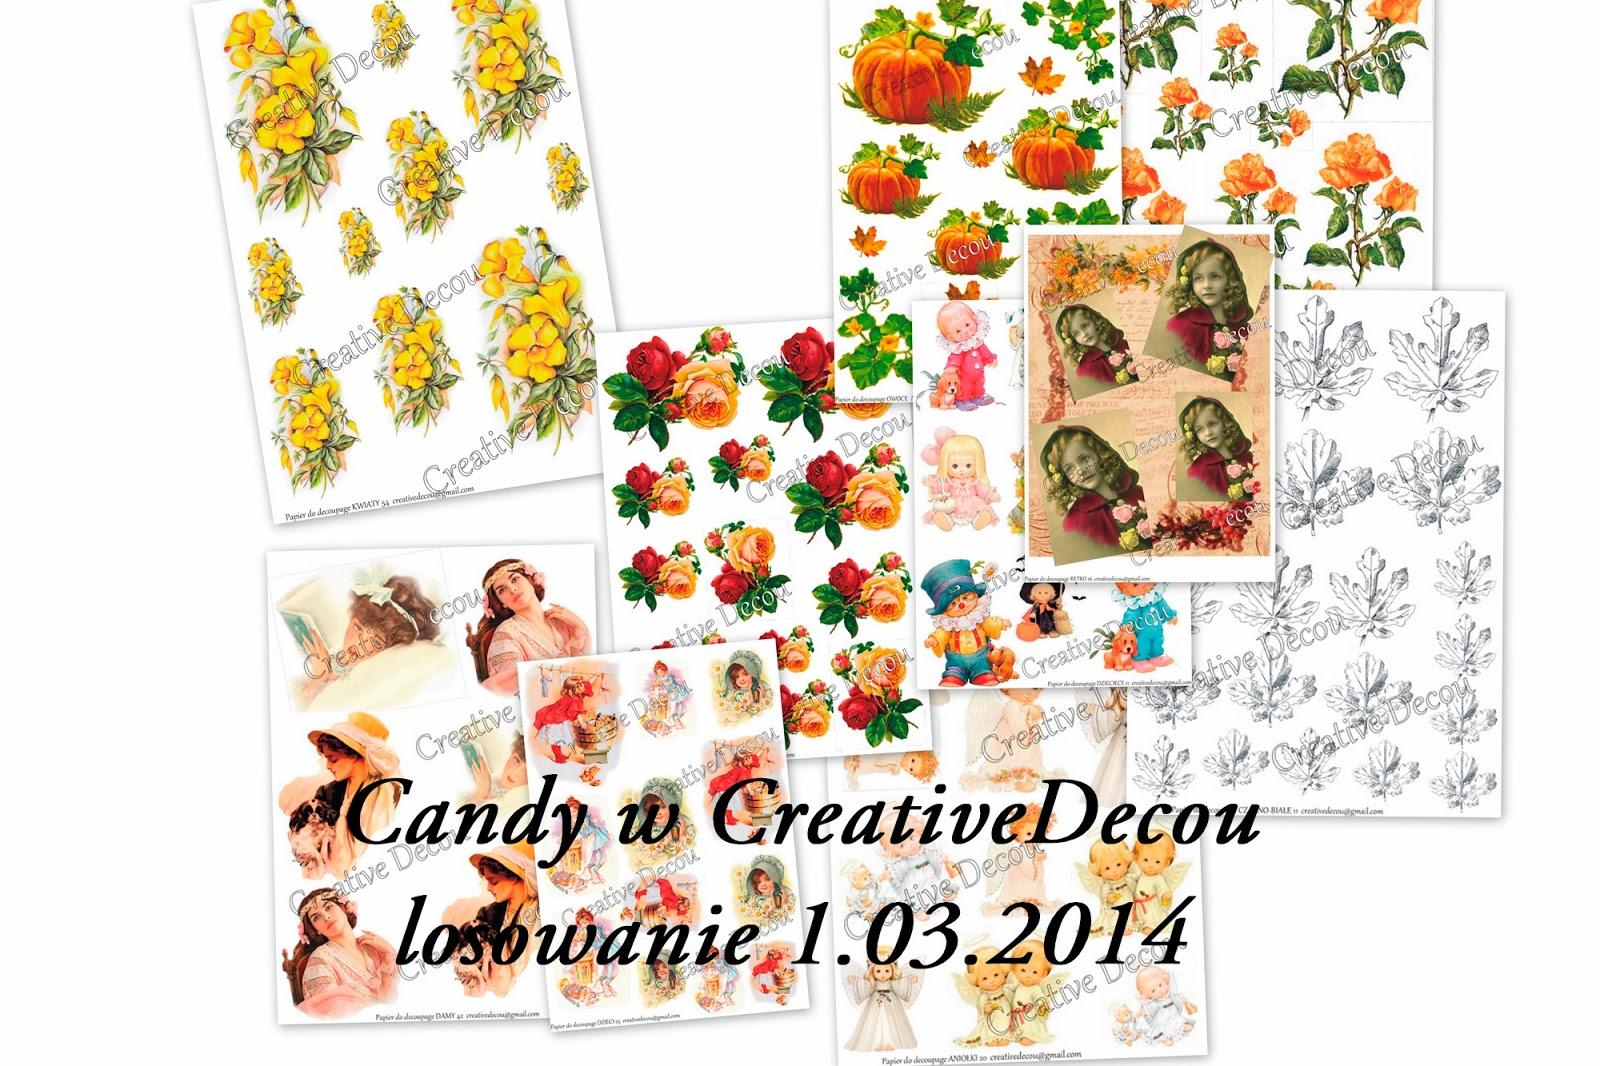 Wygrałam pocieszajkę! :) CreativeDecou - Candy [01.03.2014]